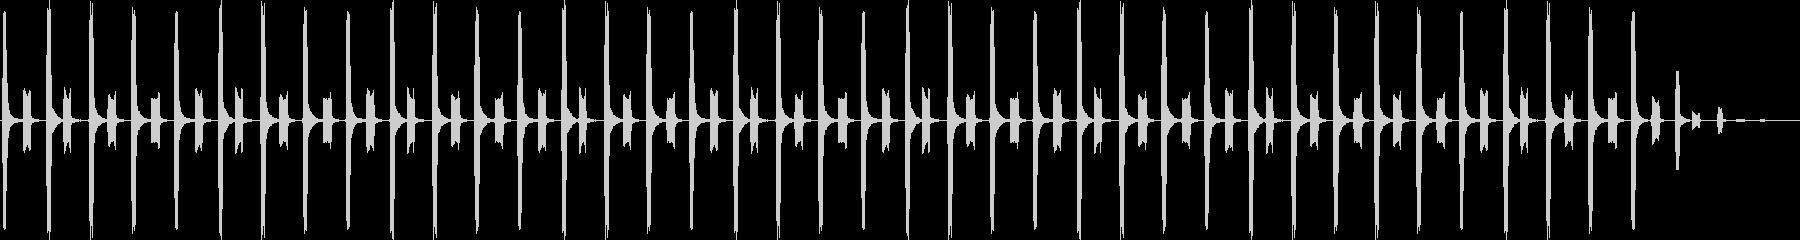 子供が歩く足音 01の未再生の波形